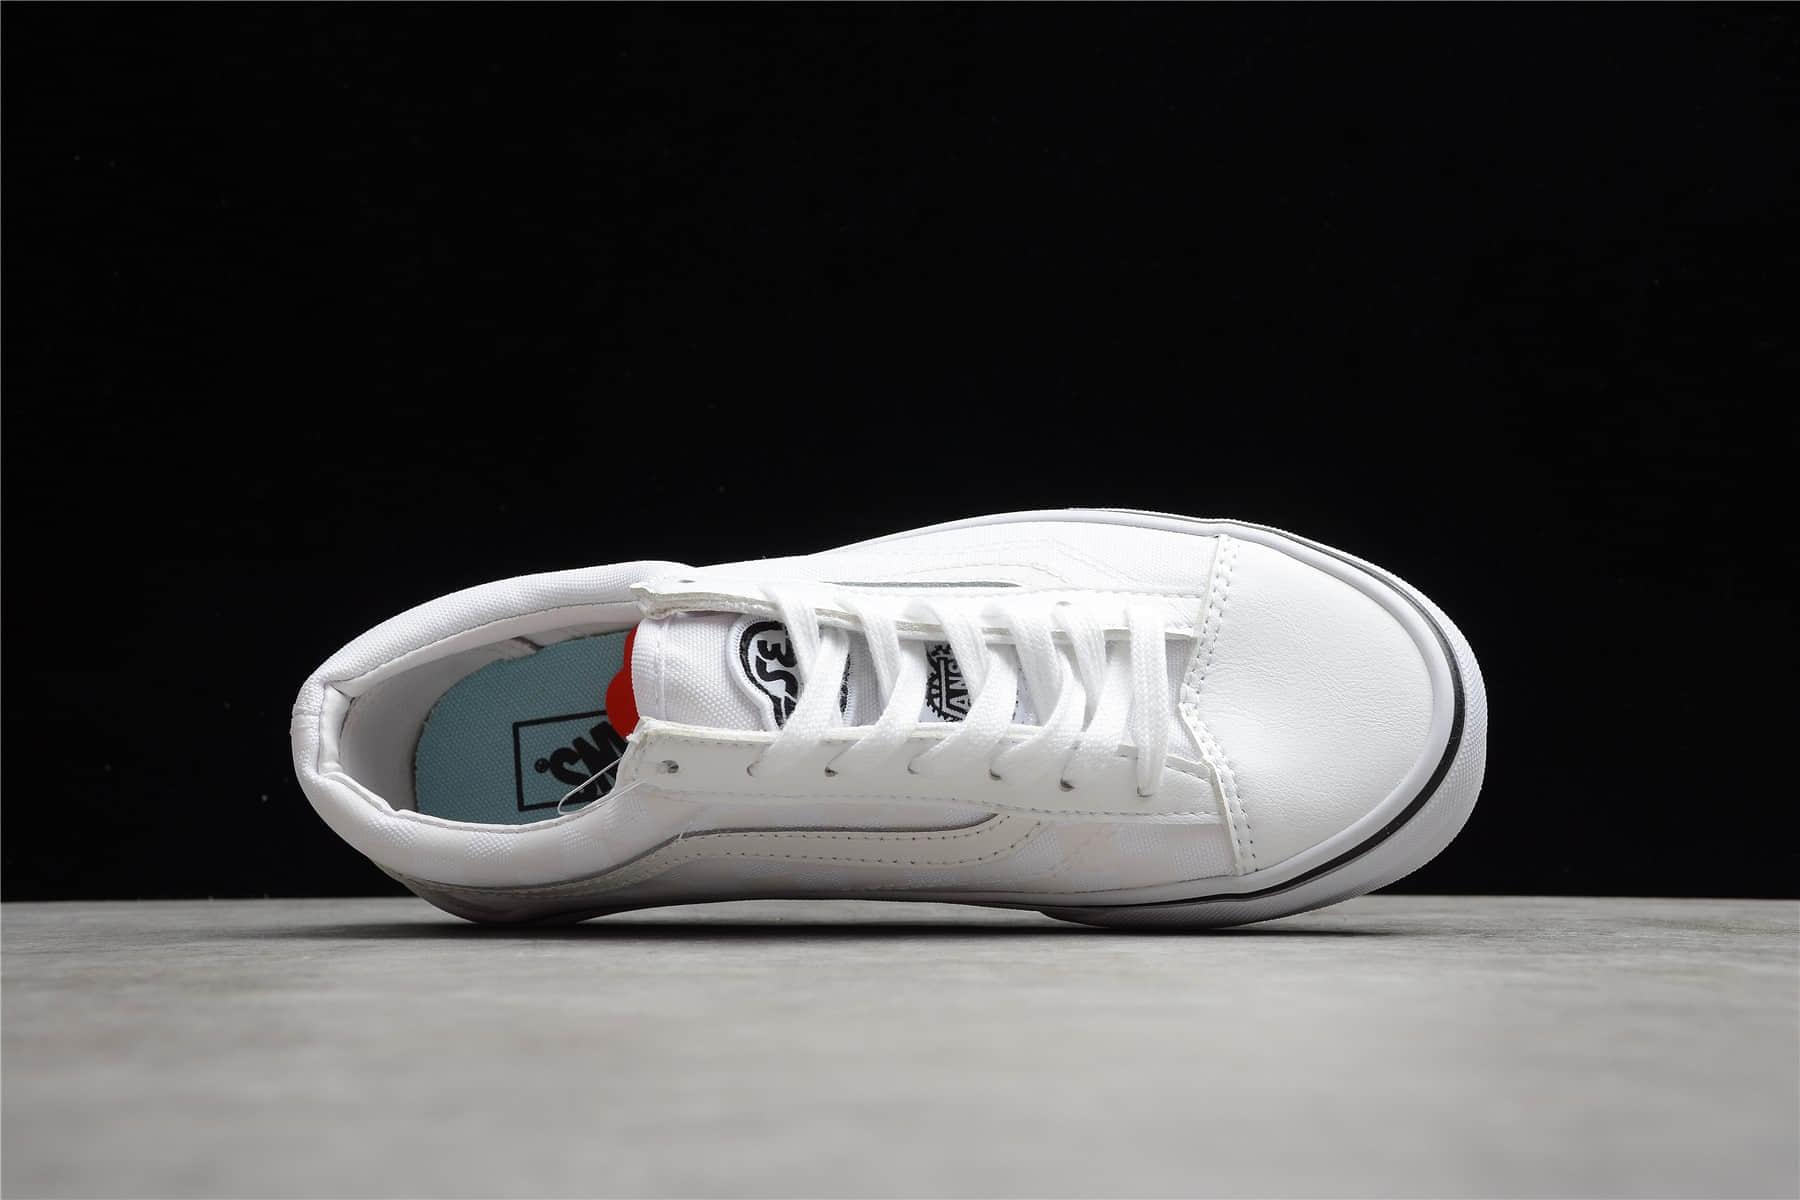 万斯BILKES联名白色低帮 VANS Style 36 X SE BILKES 万斯白色反光低帮板鞋 货号:VN0A54F64YS-潮流者之家